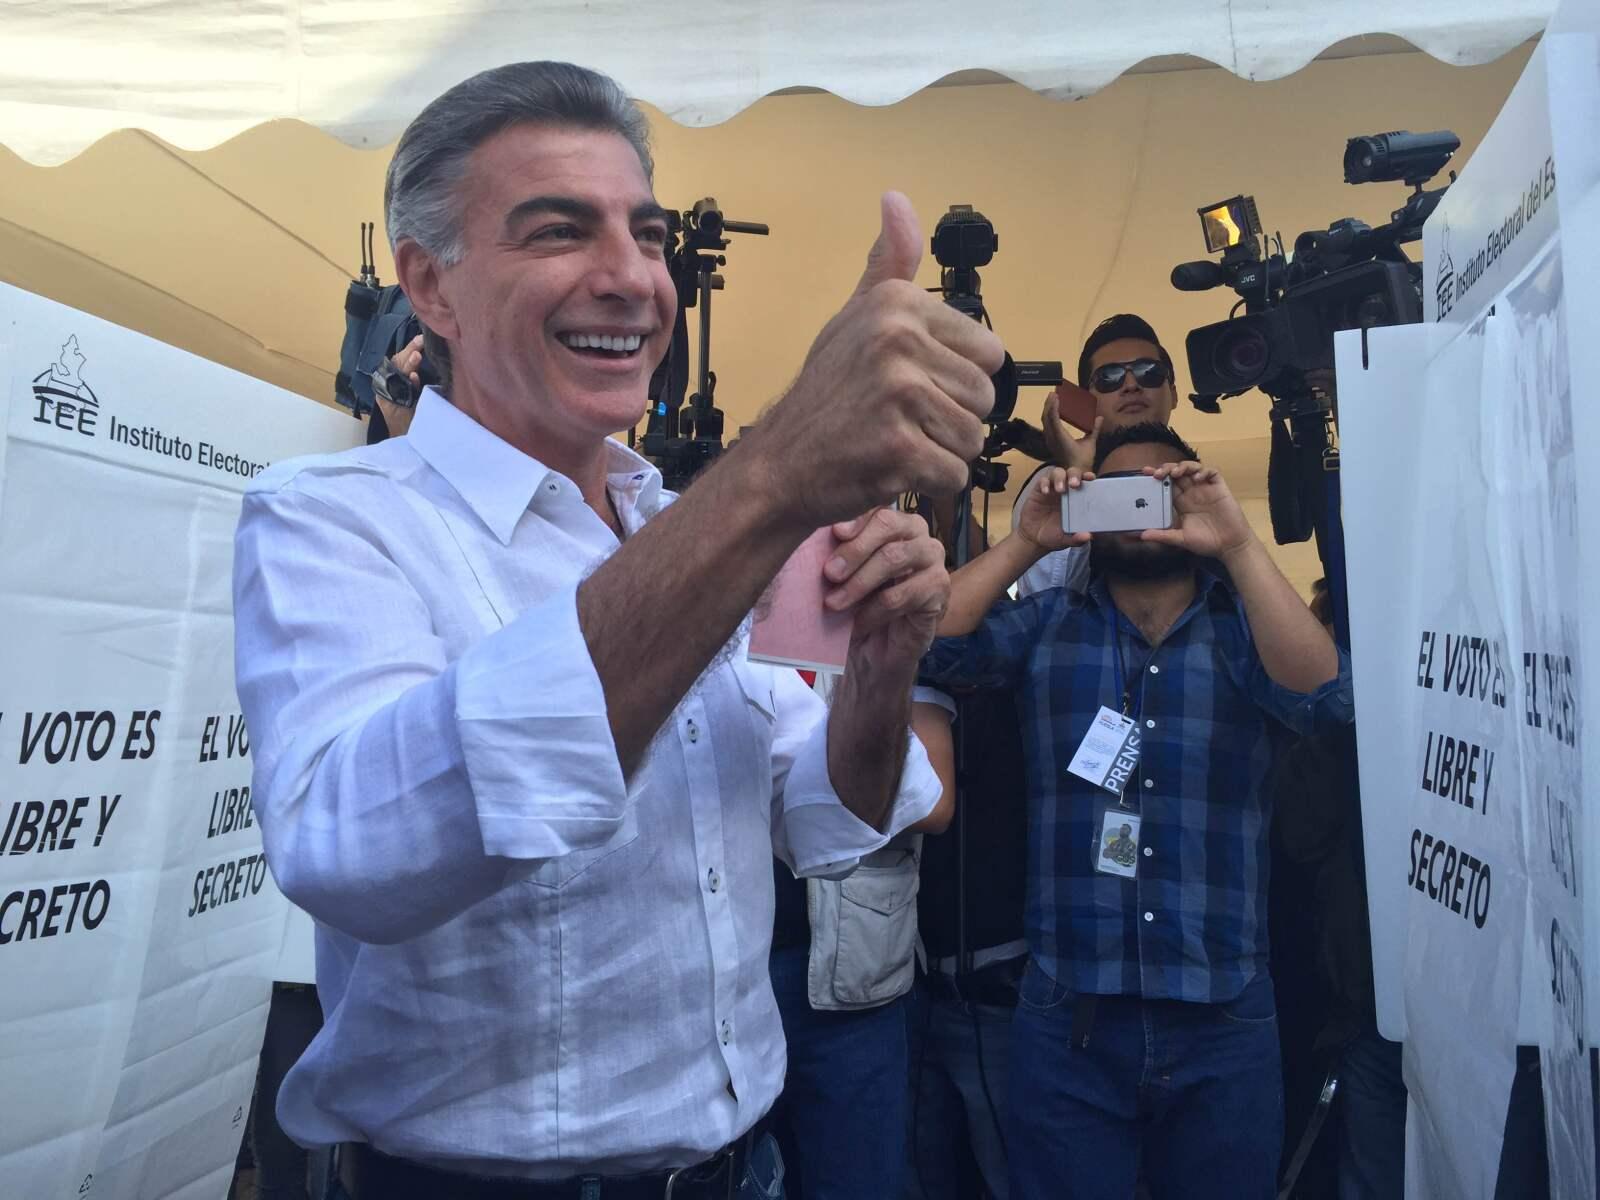 El candidato de la coalición que encabeza el PAN en Puebla, Antonio Gali Fayad fue el primero de los cinco que compiten por la sucesión de Rafael Moreno Valle en emitir su voto. Dijo esperar que las votaciones transcurran sin violencia y que esperará los resultados en su casa.